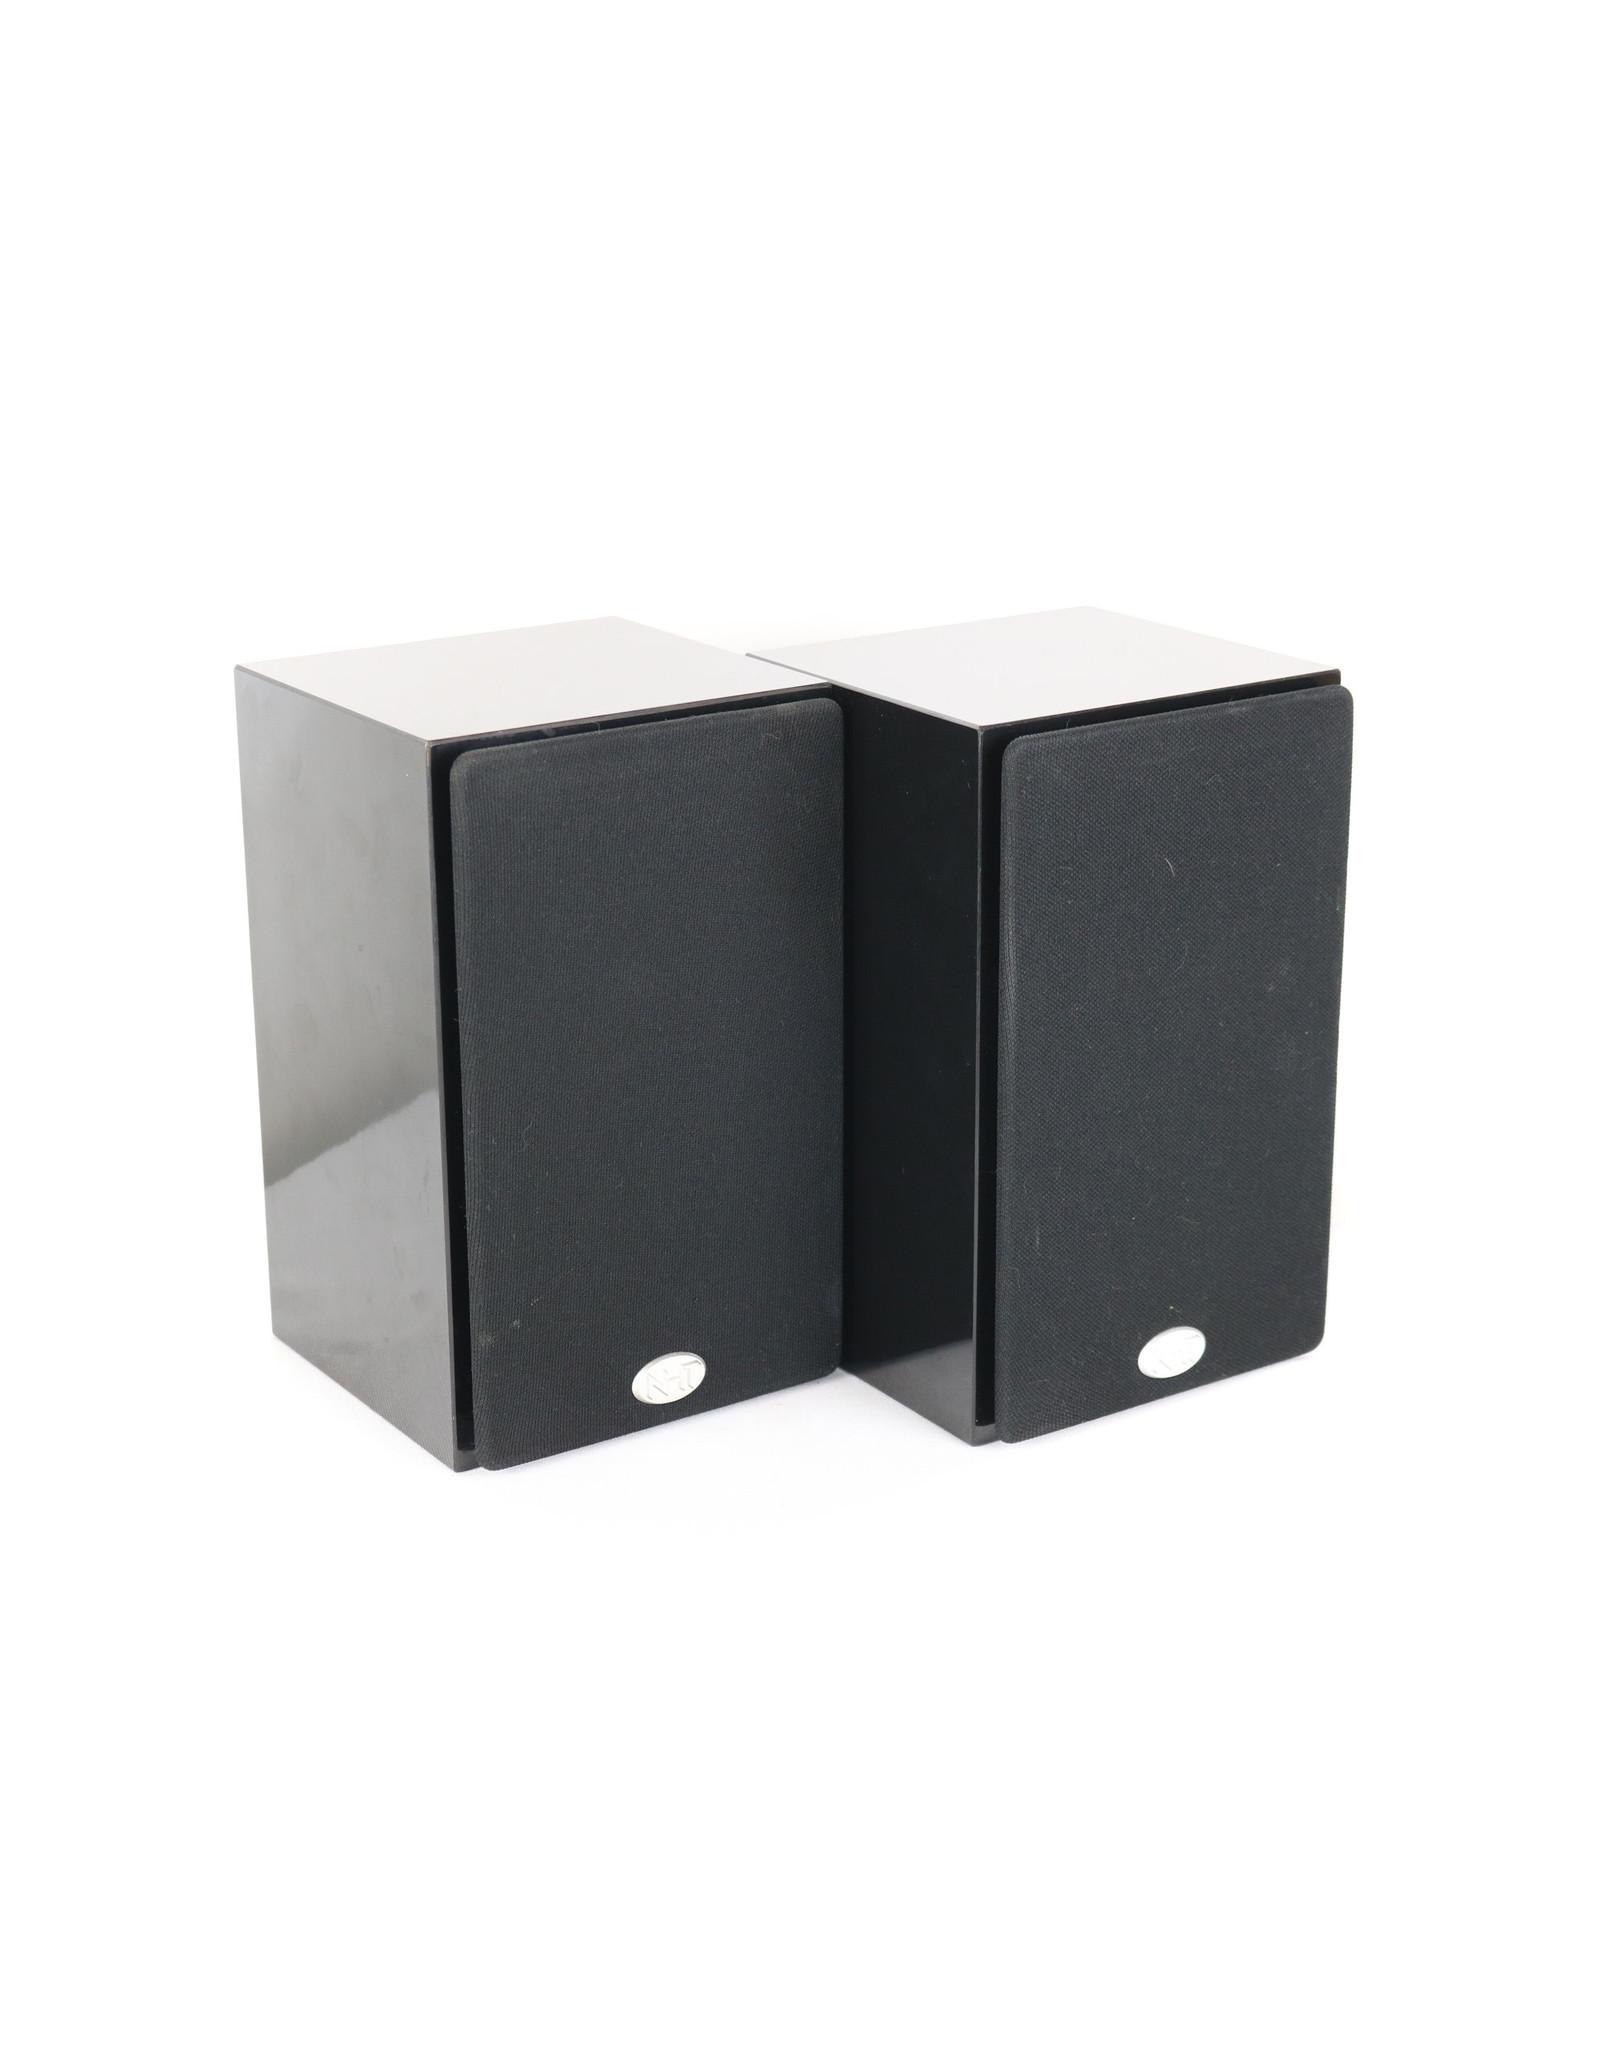 NHT NHT SuperZero Bookshelf Speakers USED